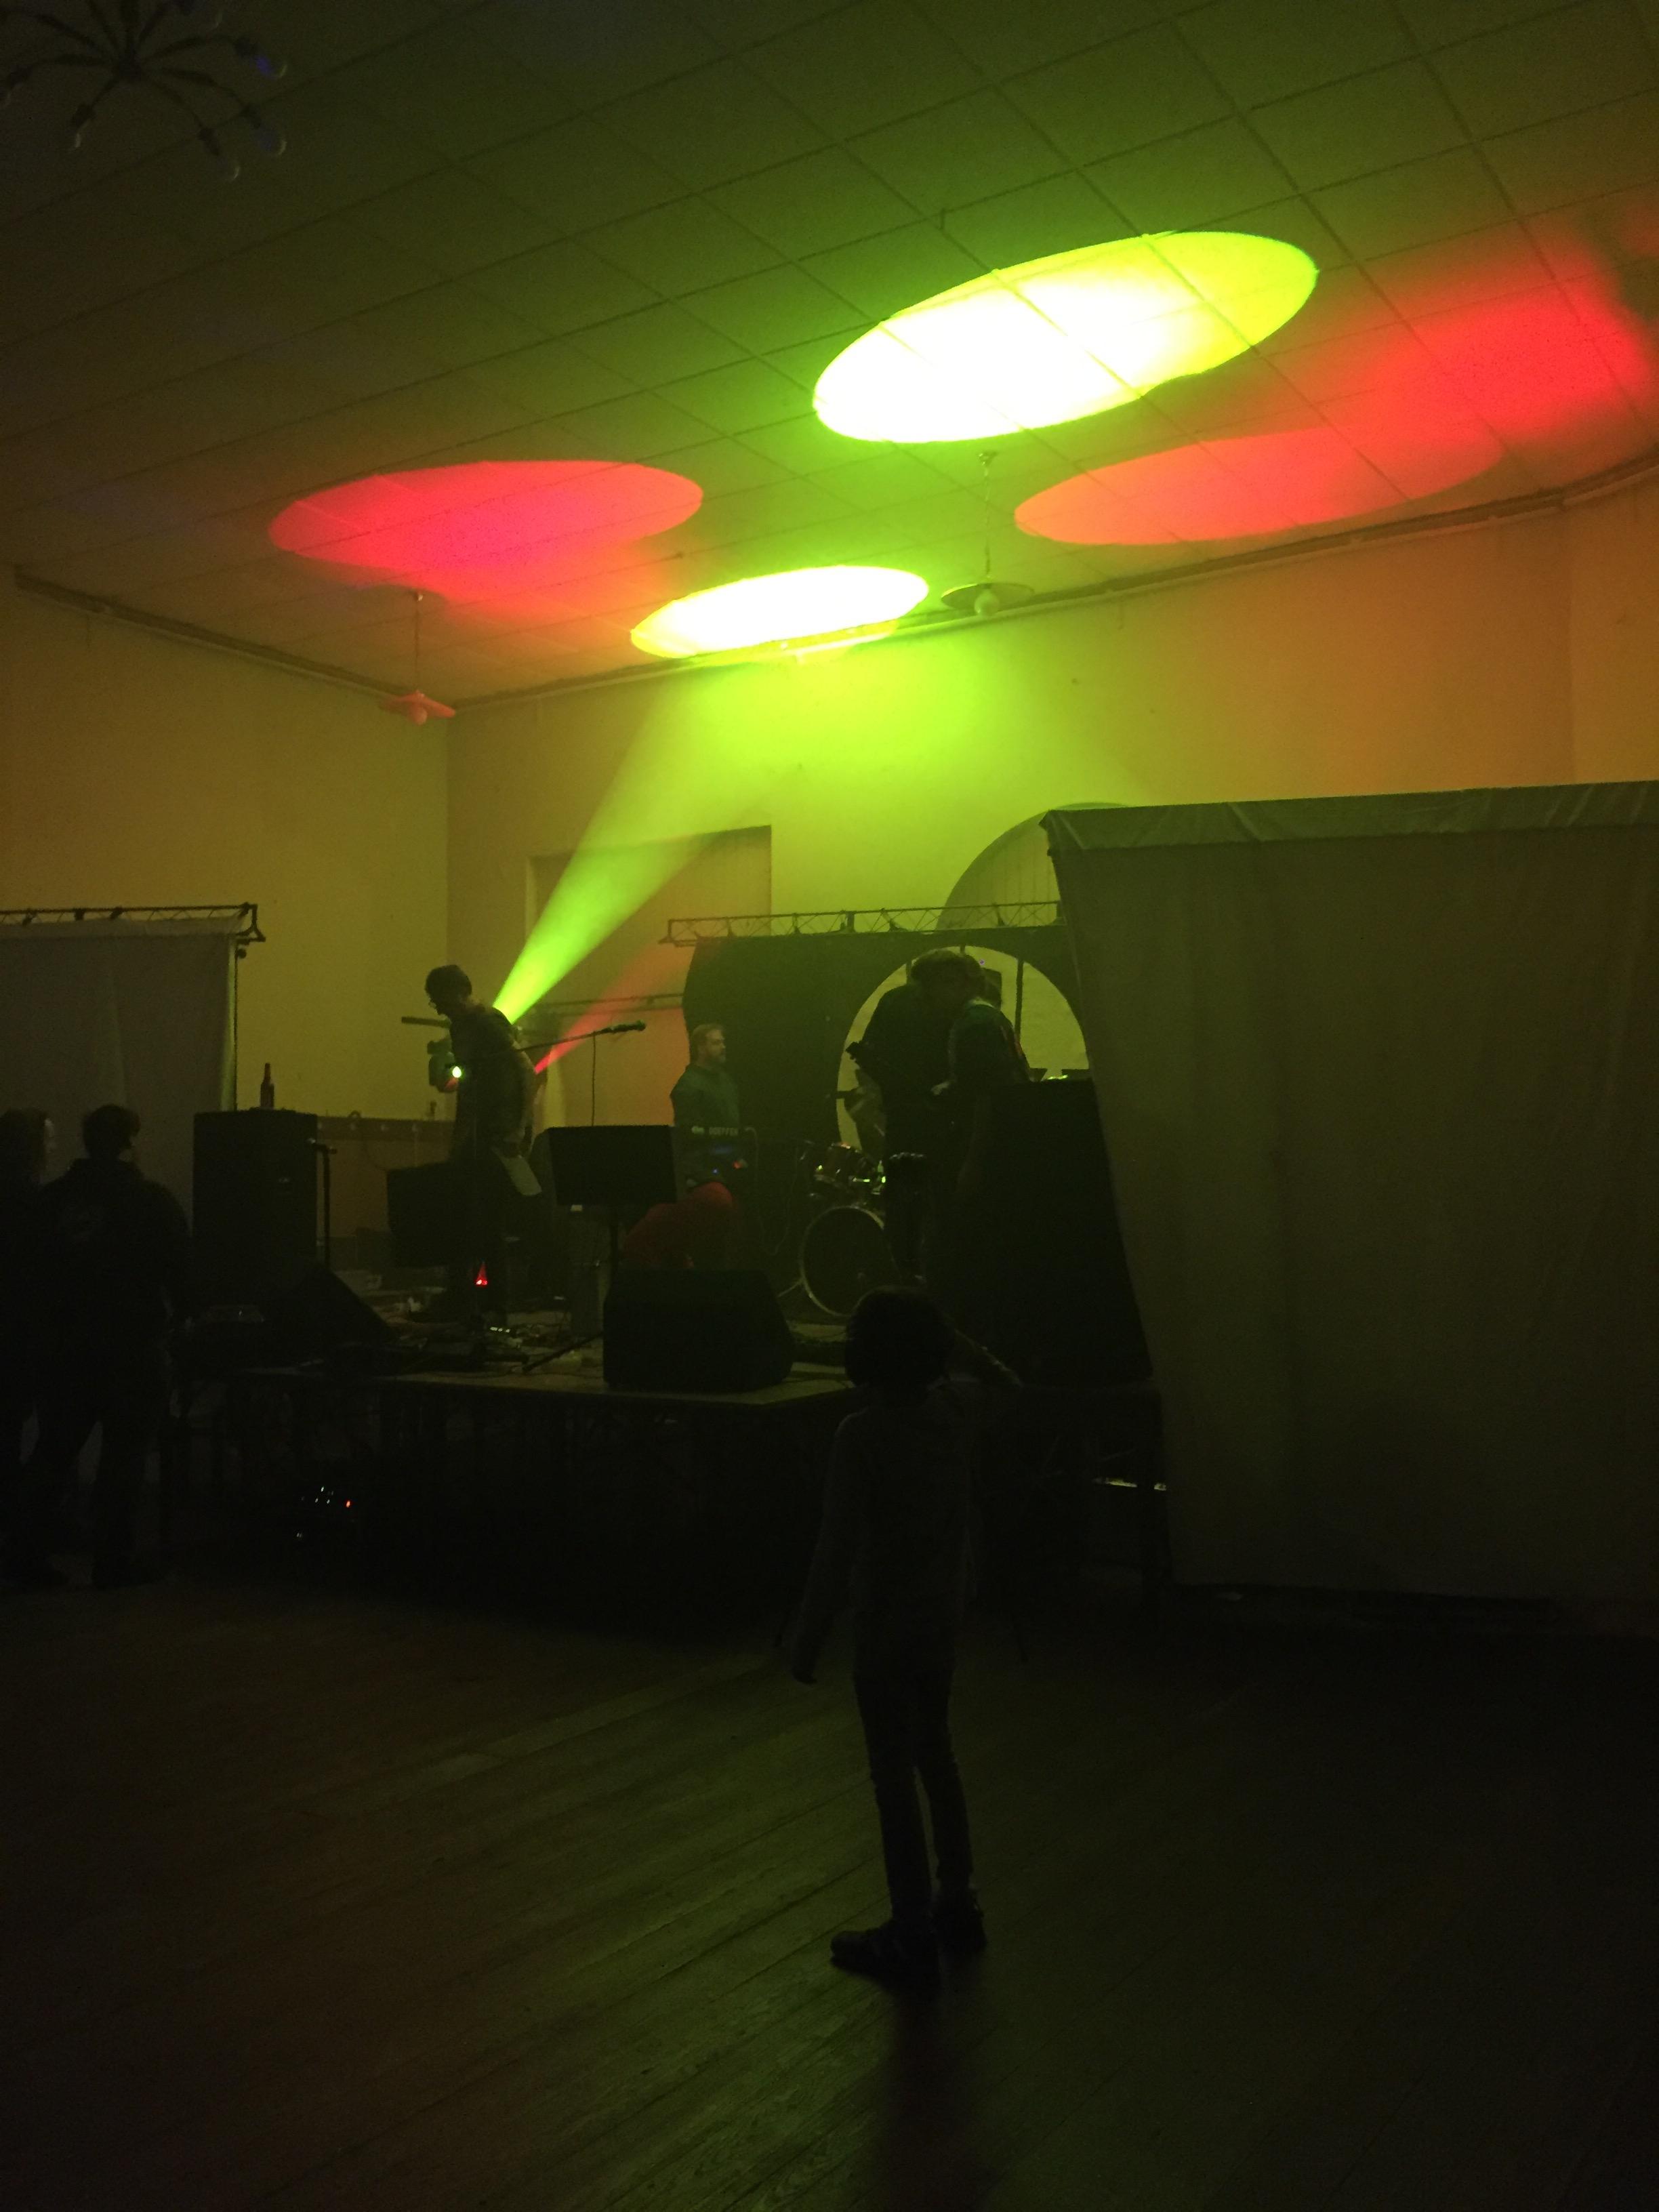 Rocknacht Bad Honnef - Lichttechnik Bühne - 05